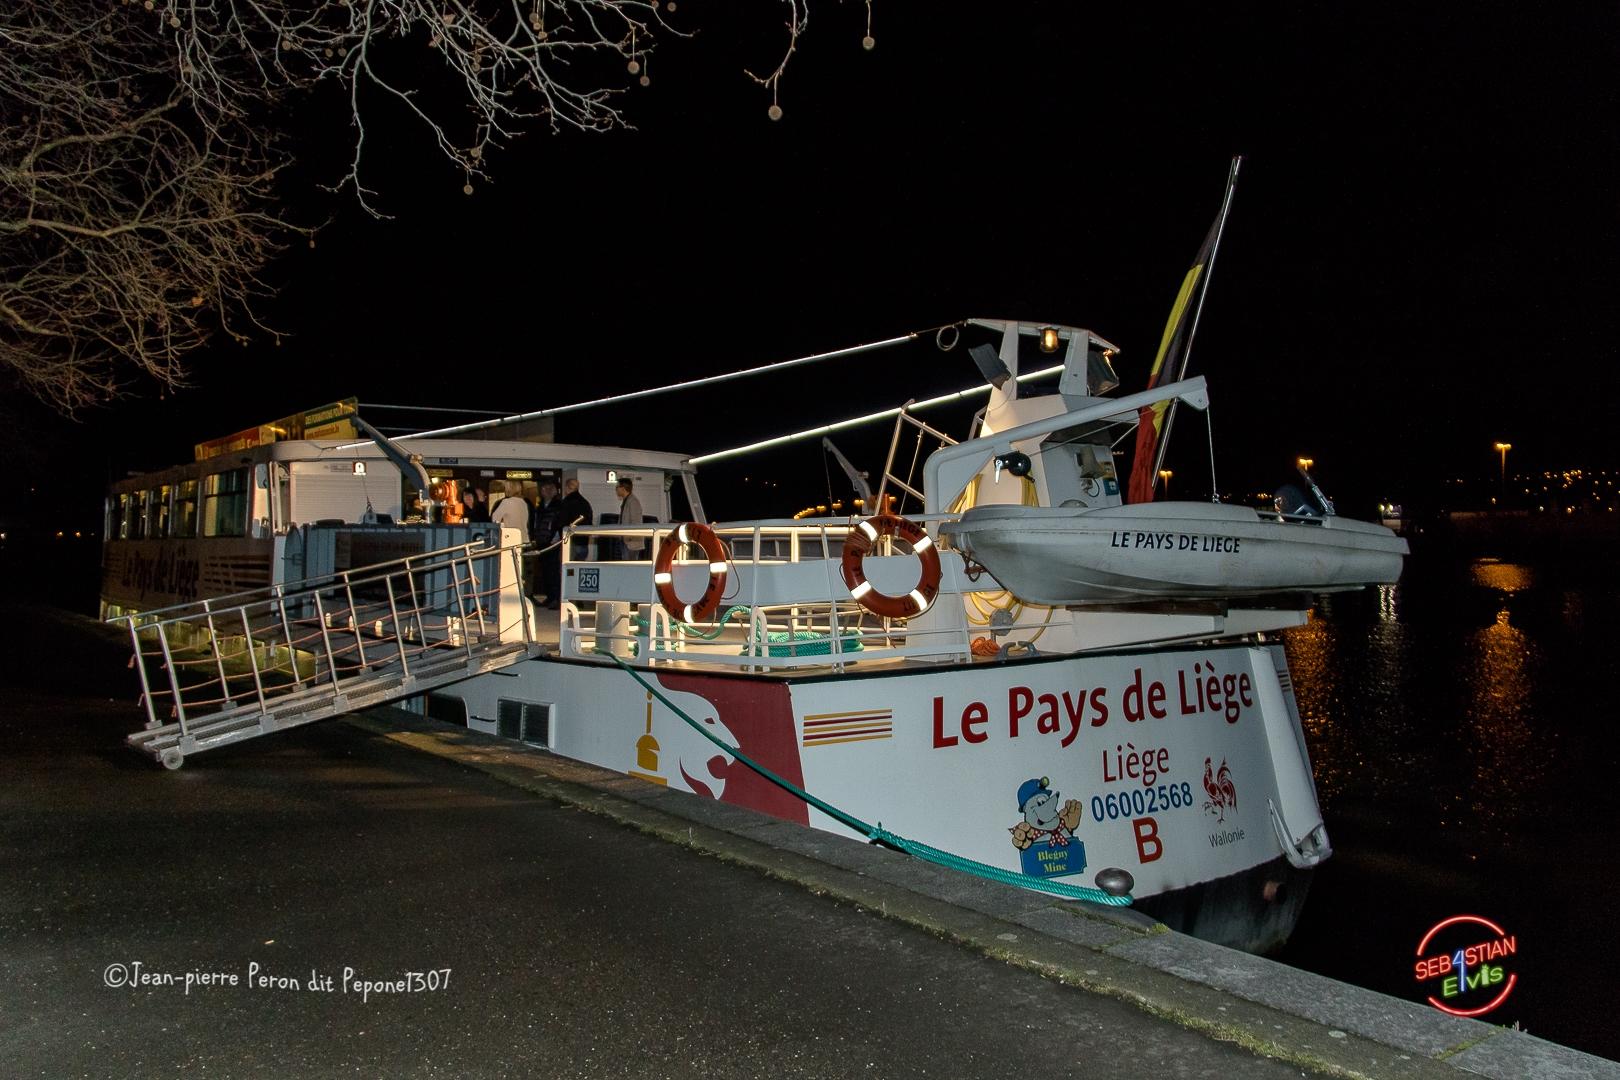 sebastian-for-elvis-pepone1307-croisiere-pays-de-liege-2018-facebook-599